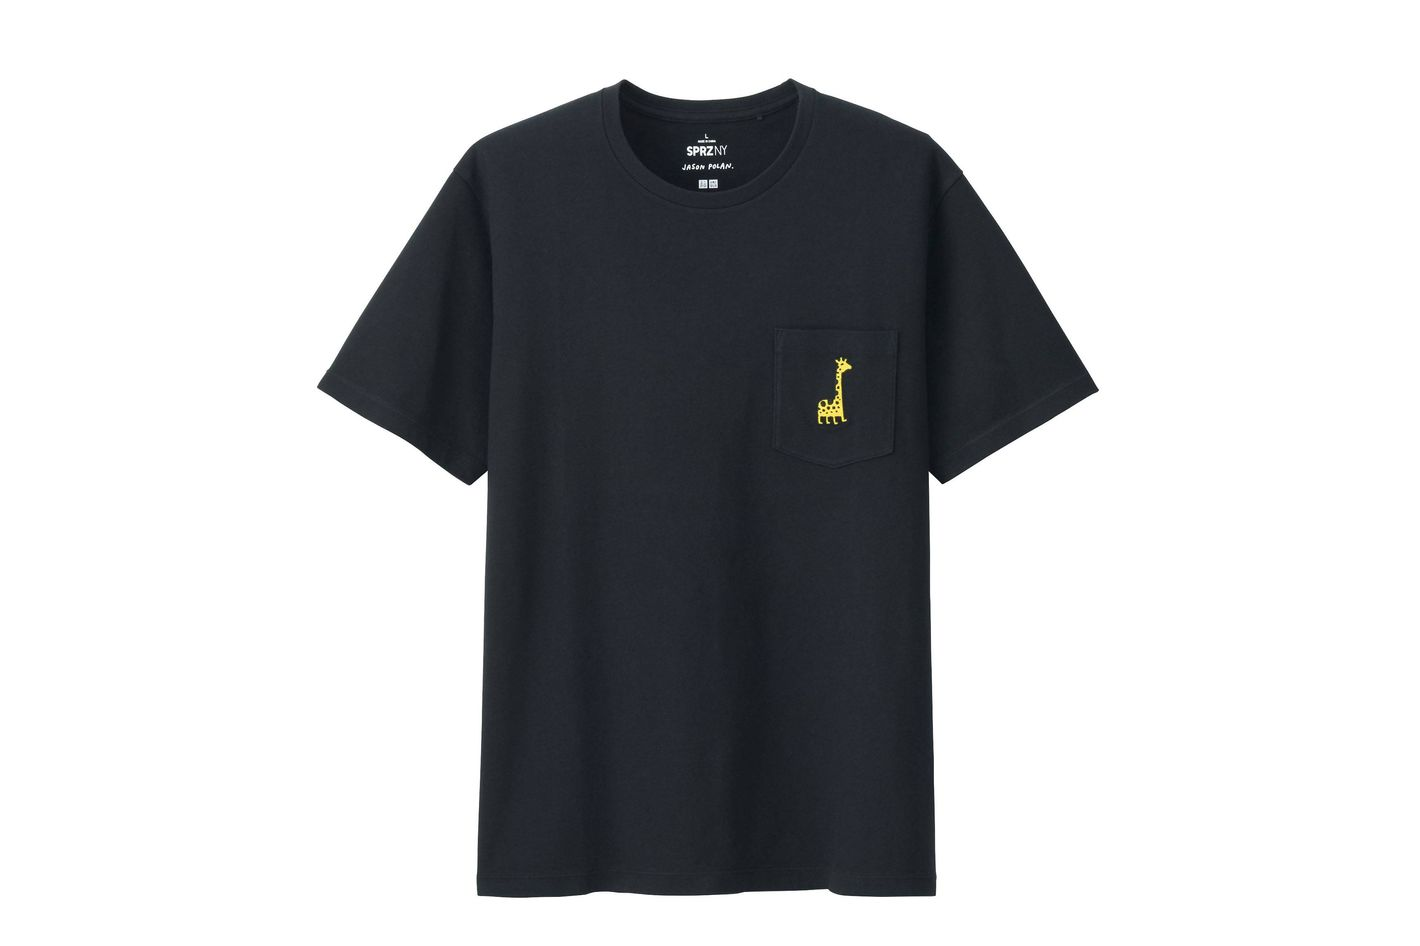 Jason Polan Giraffe T-shirt